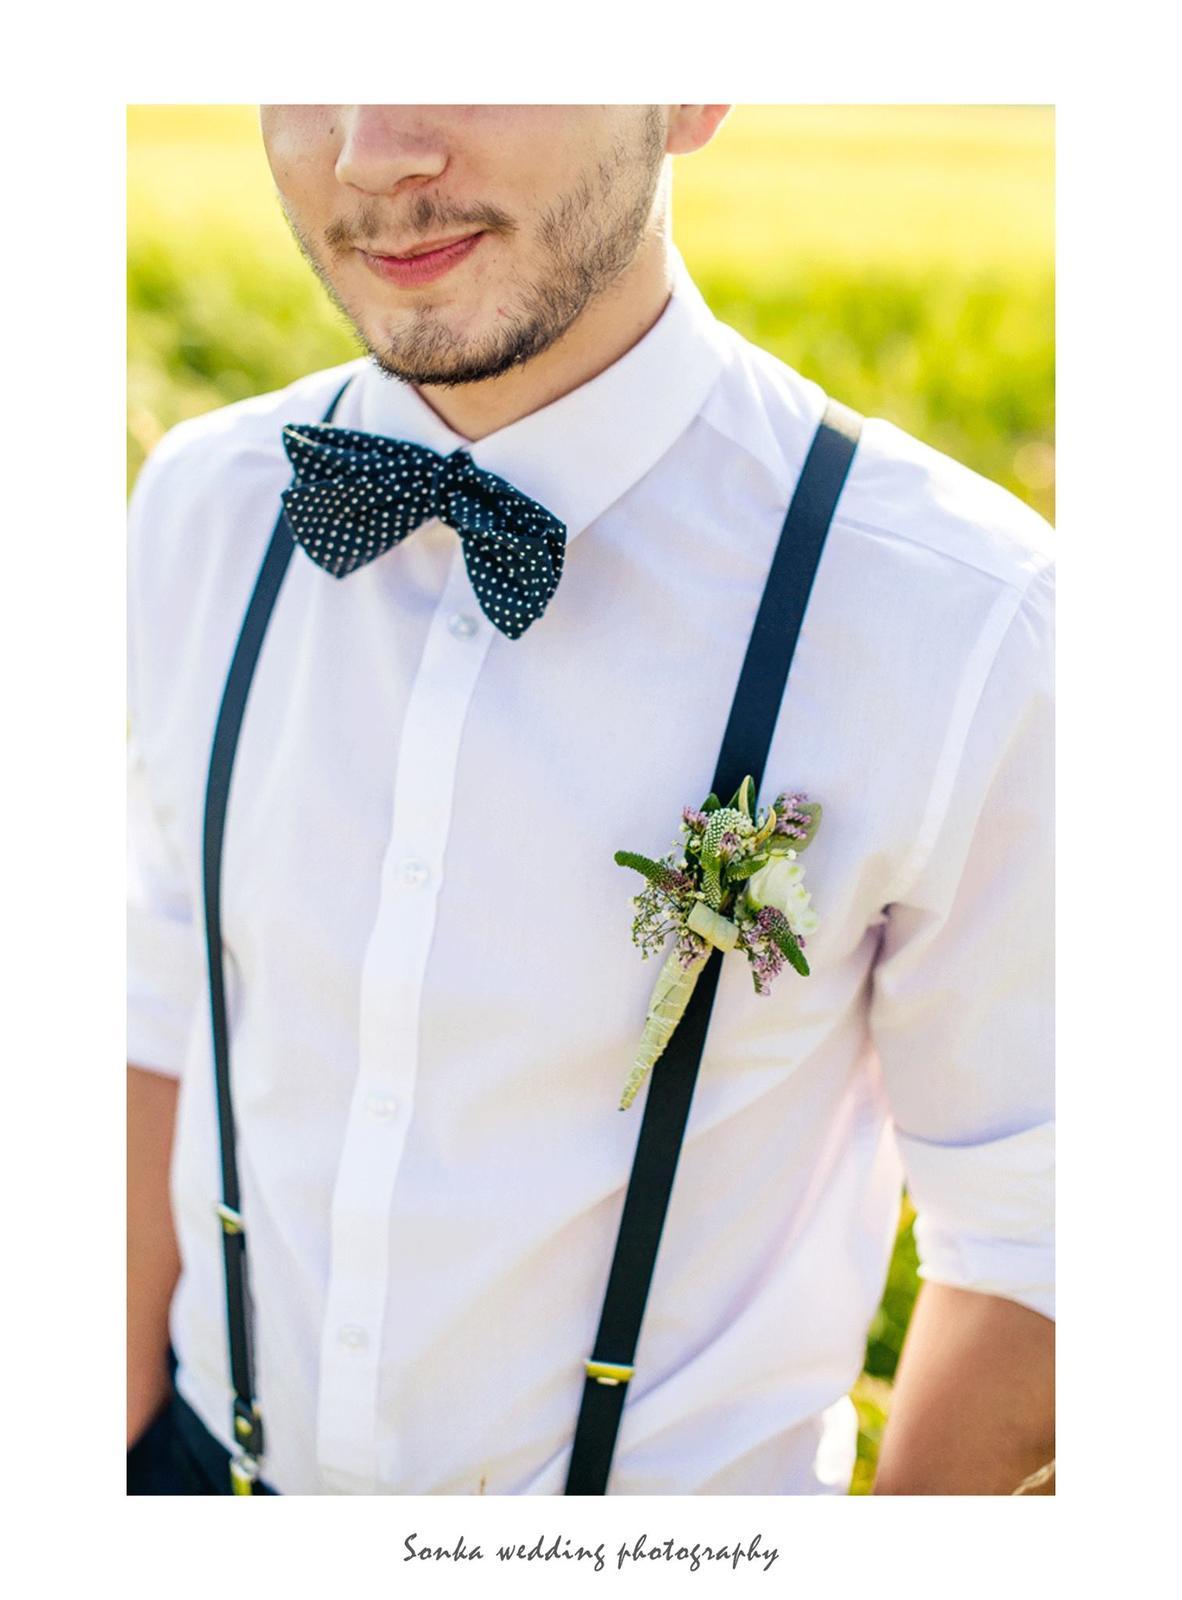 Wedding photography - Obrázek č. 24